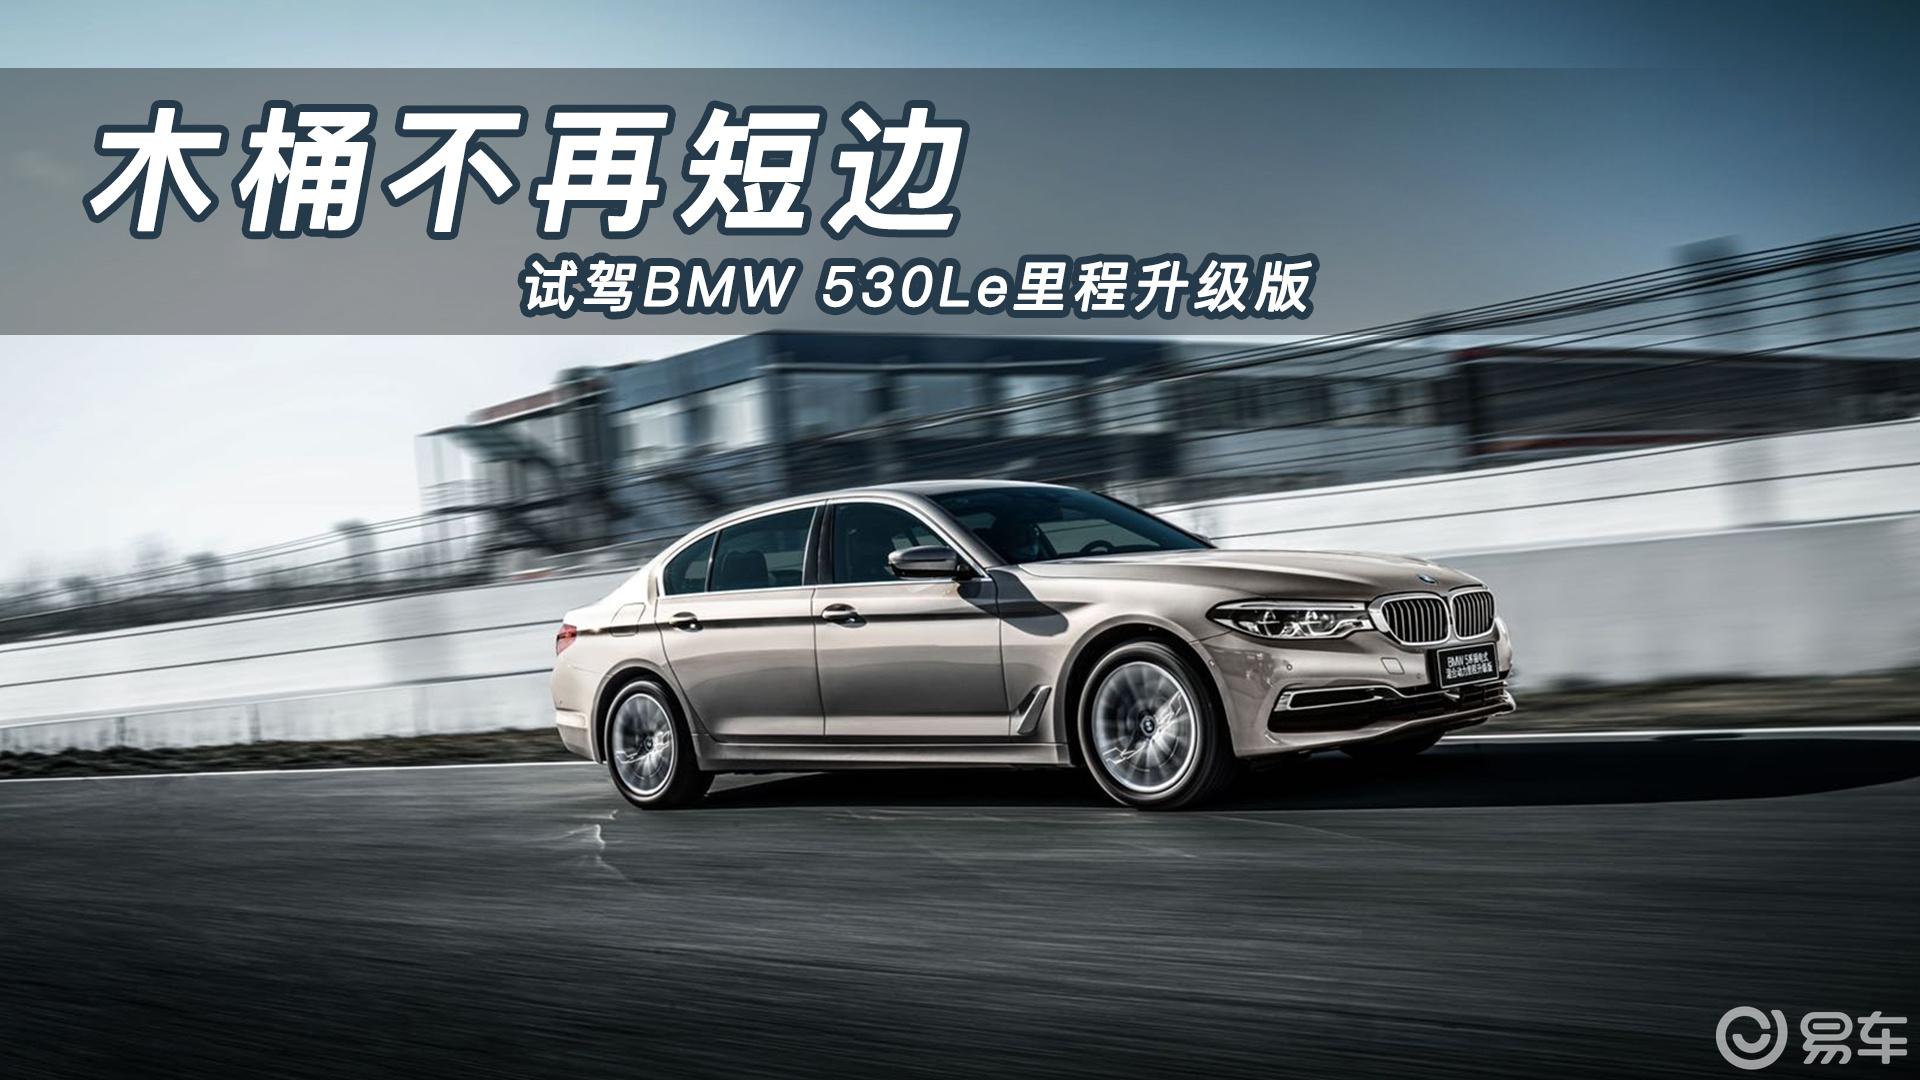 木桶不再短边——试驾BMW 530Le里程升级版